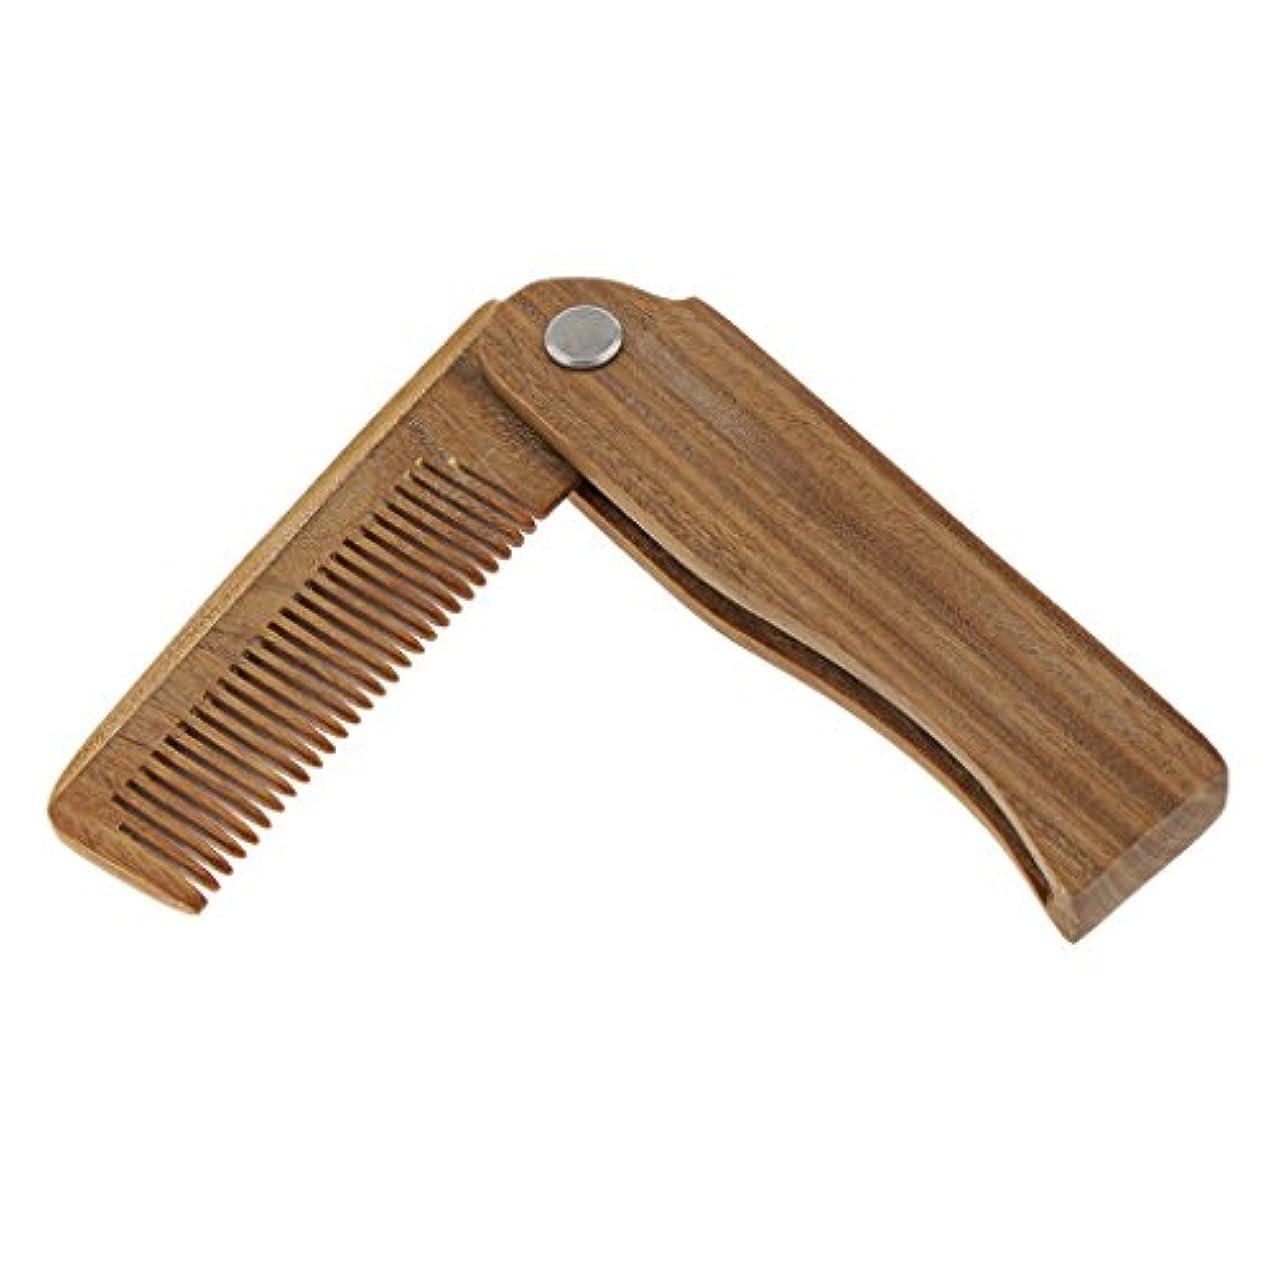 拡張証人切手木製櫛 ヘアブラシ ヘアコーム 櫛 ひげ櫛 くし 頭皮マッサージ 2タイプ選べる - B